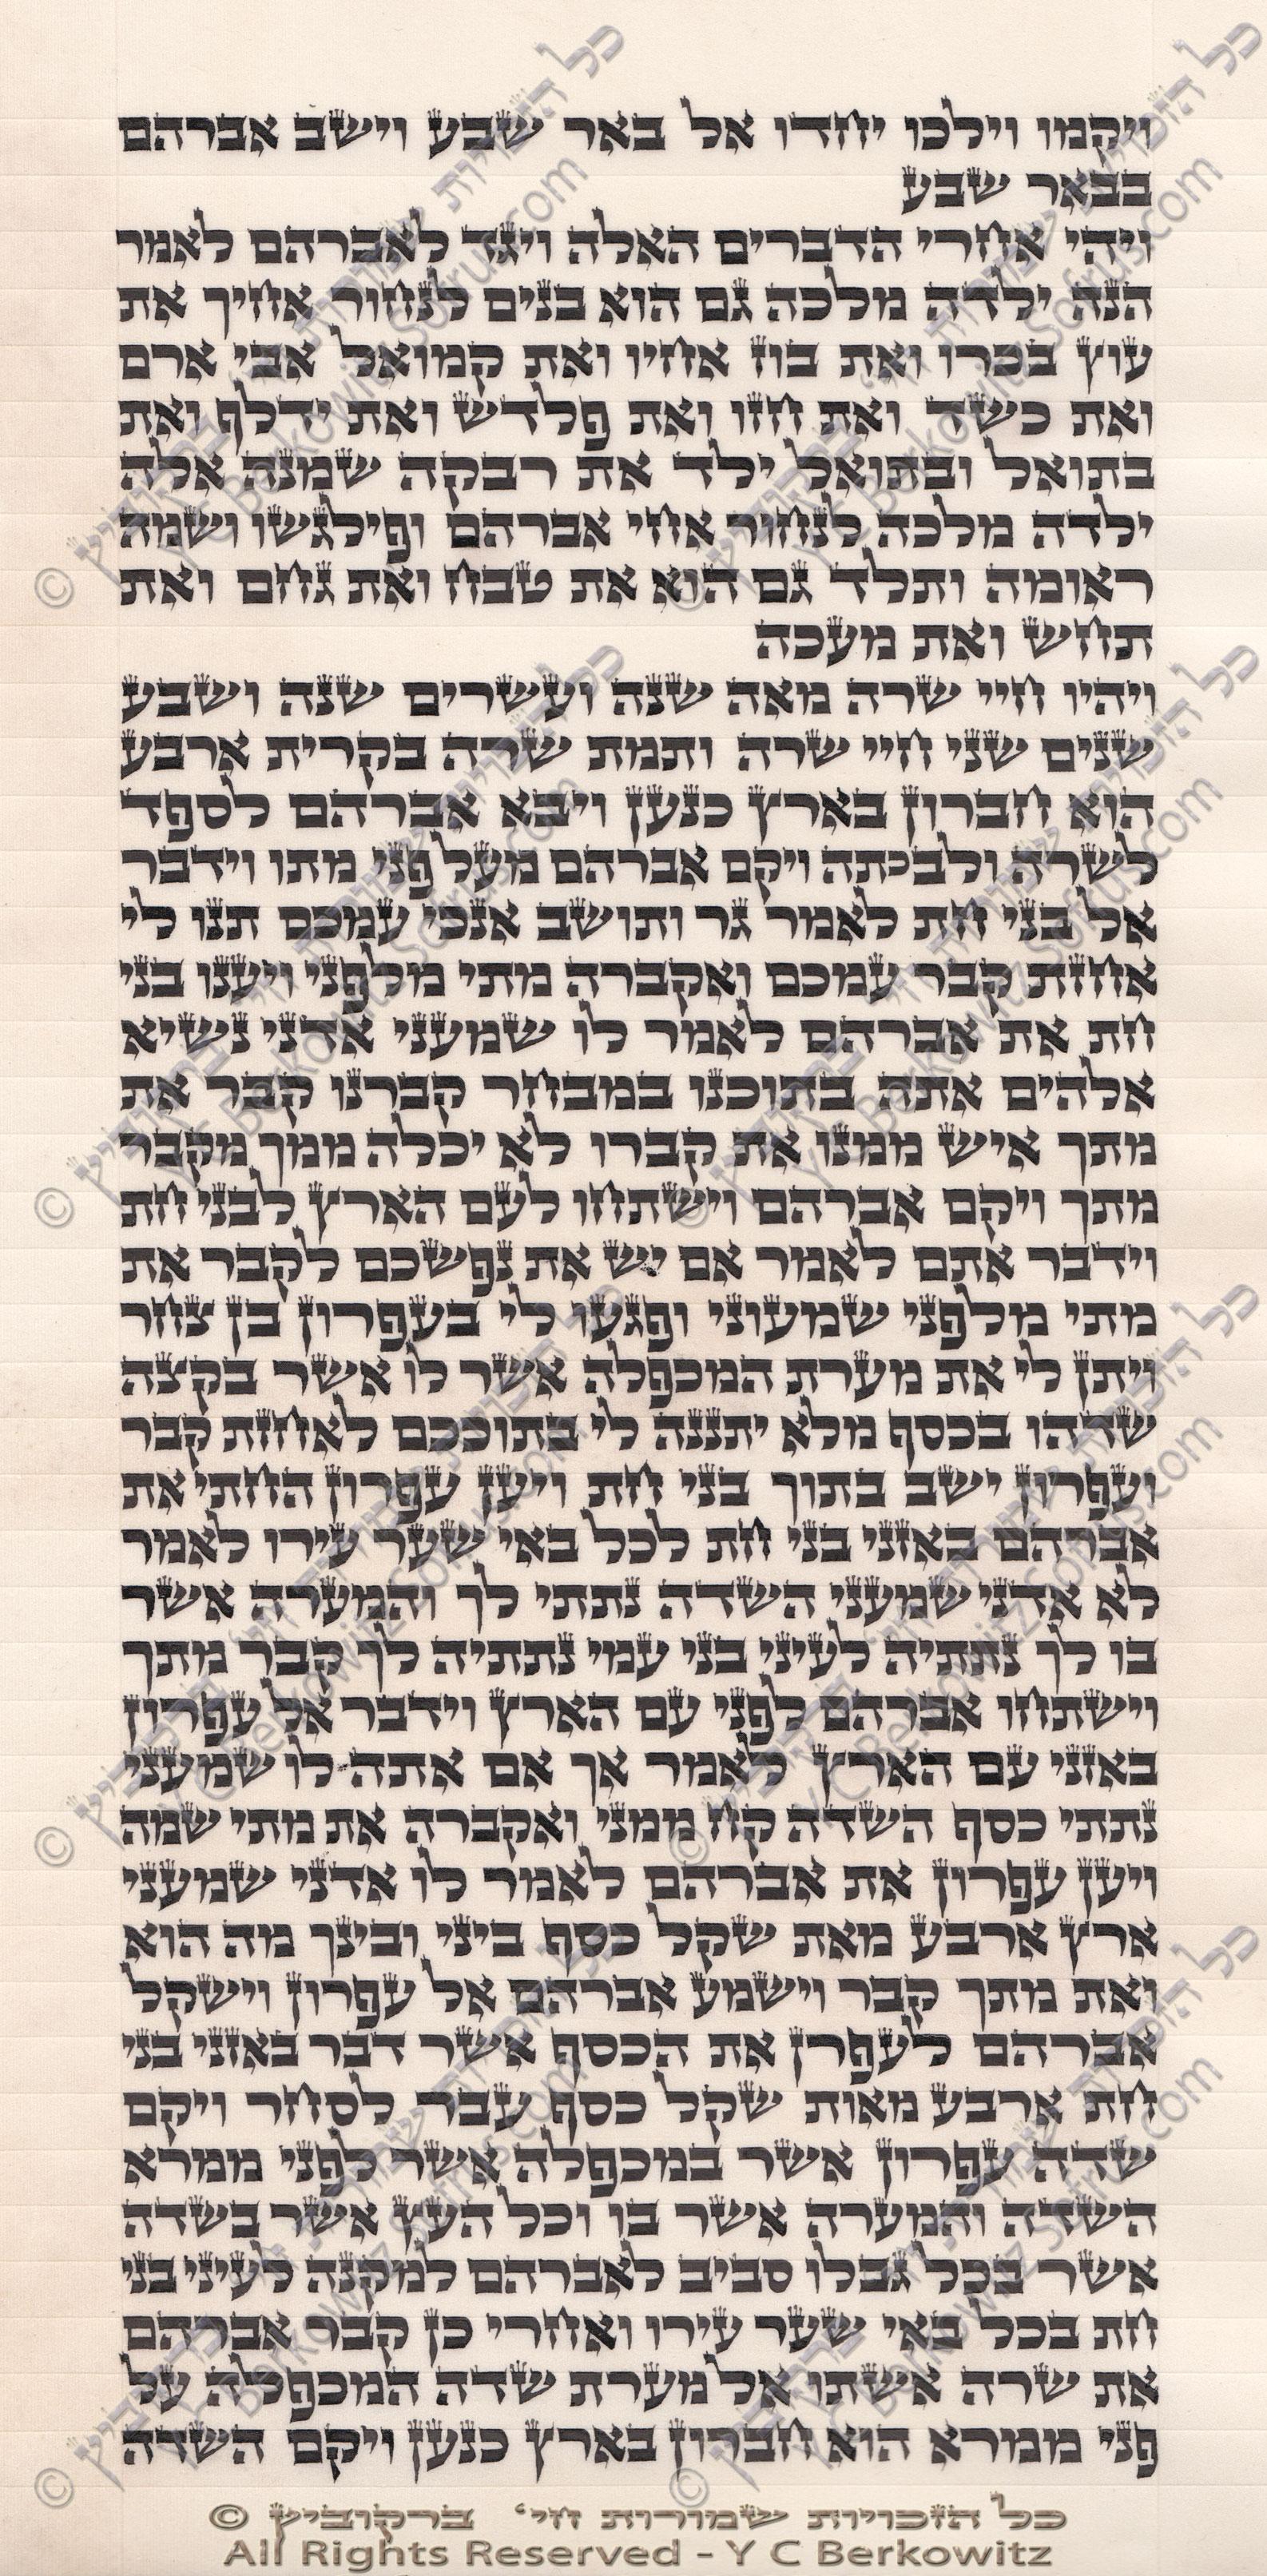 sefer-torah-23-vayero